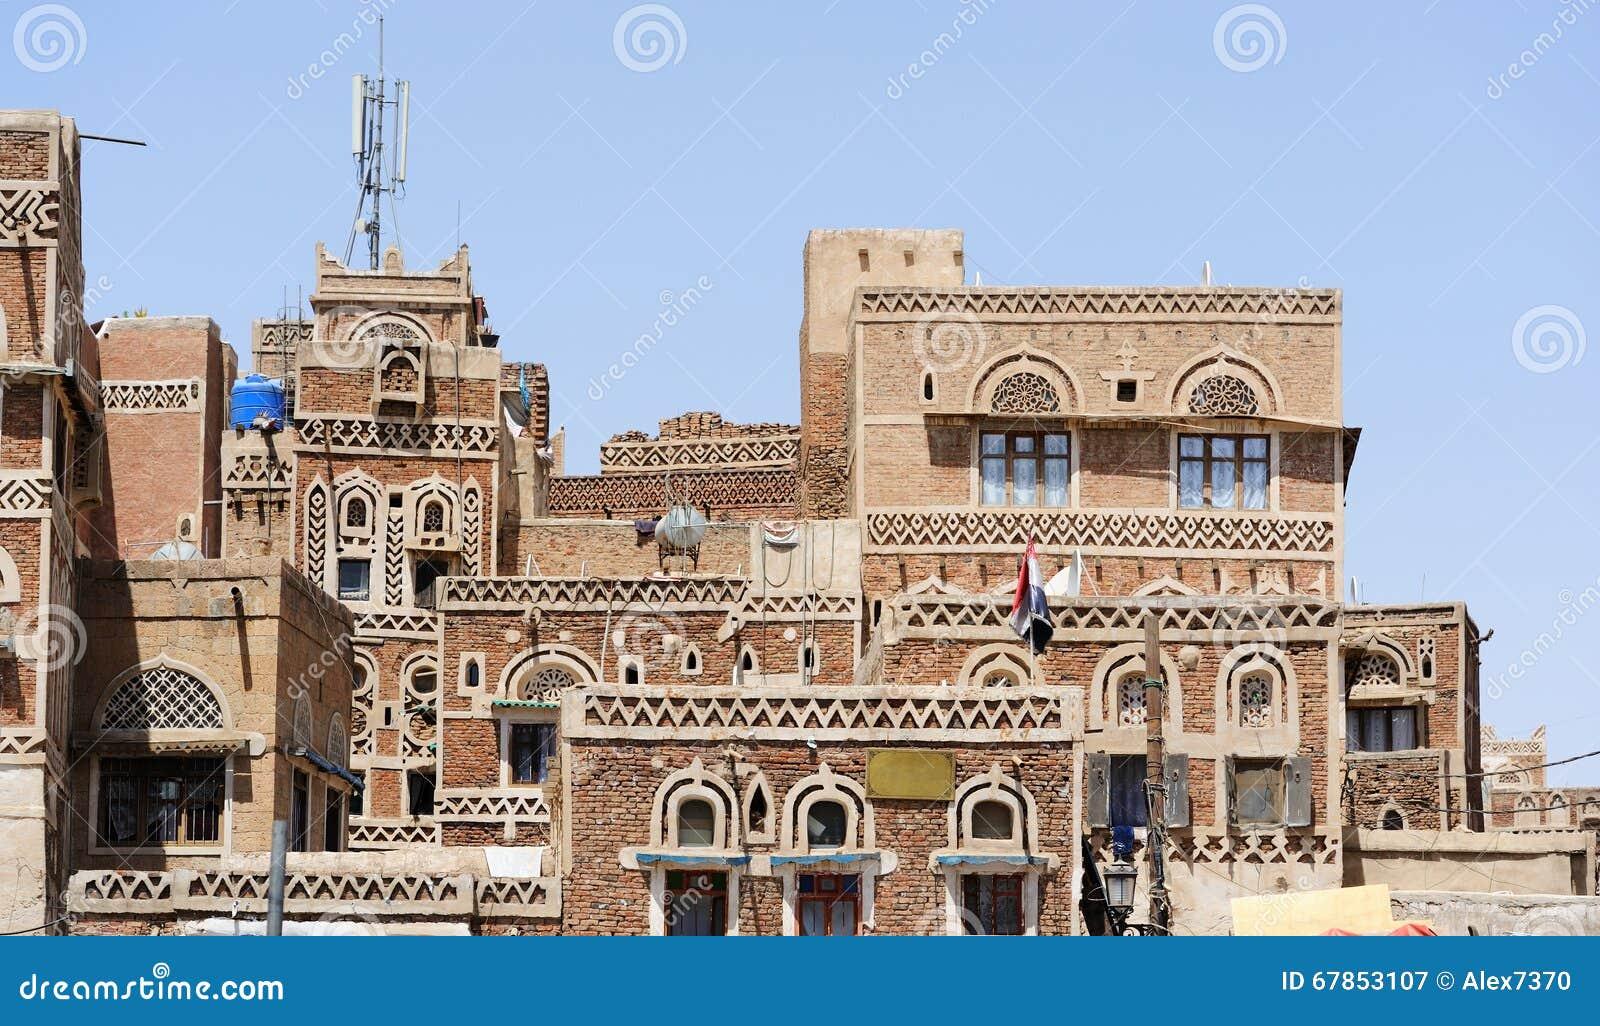 Yemen architecture traditionnelle de vieille ville sanaa for Architecture traditionnelle